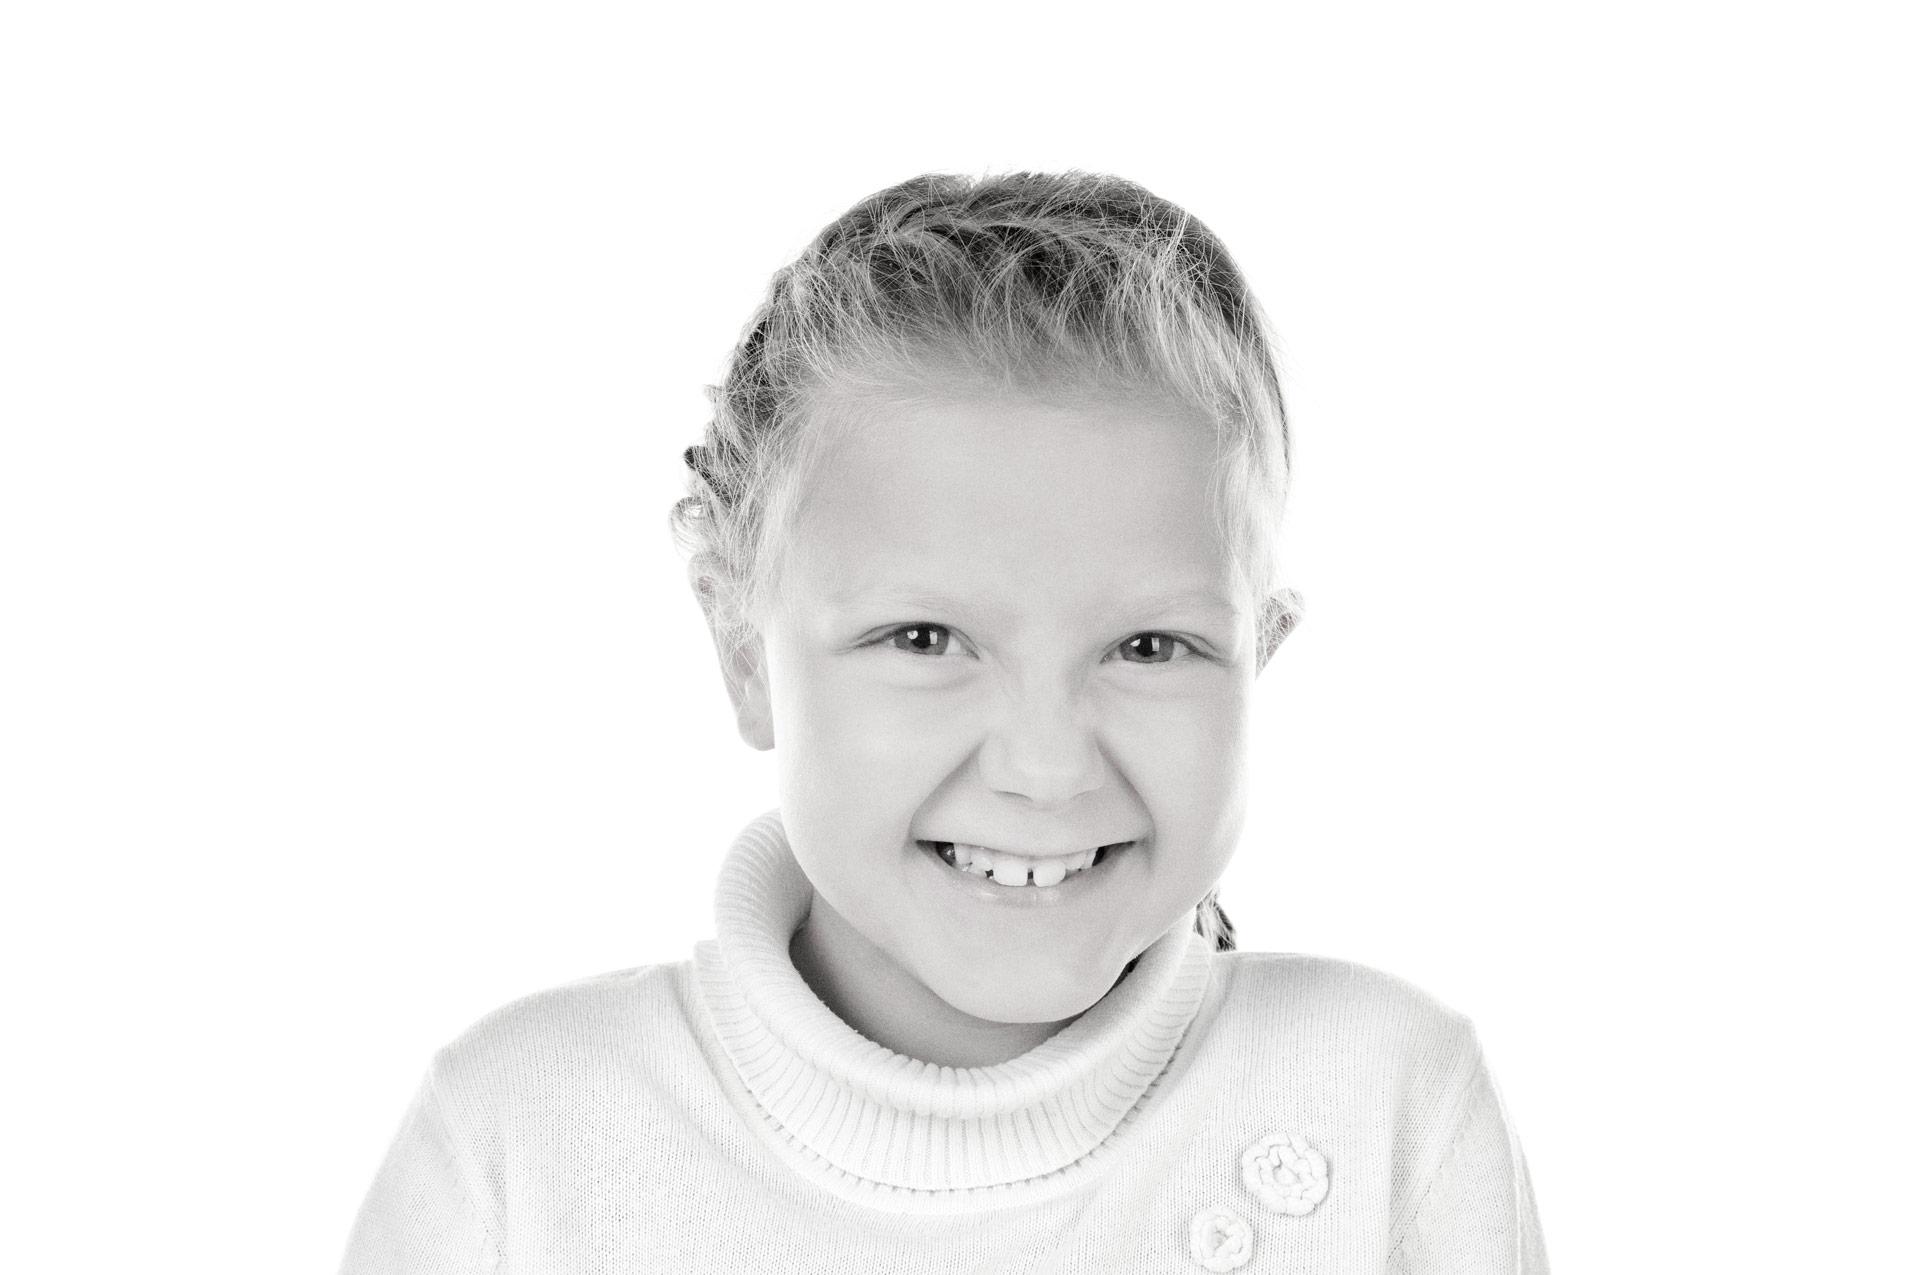 La ortodoncia consigue que los niños tengan la sonrisa más traviesa